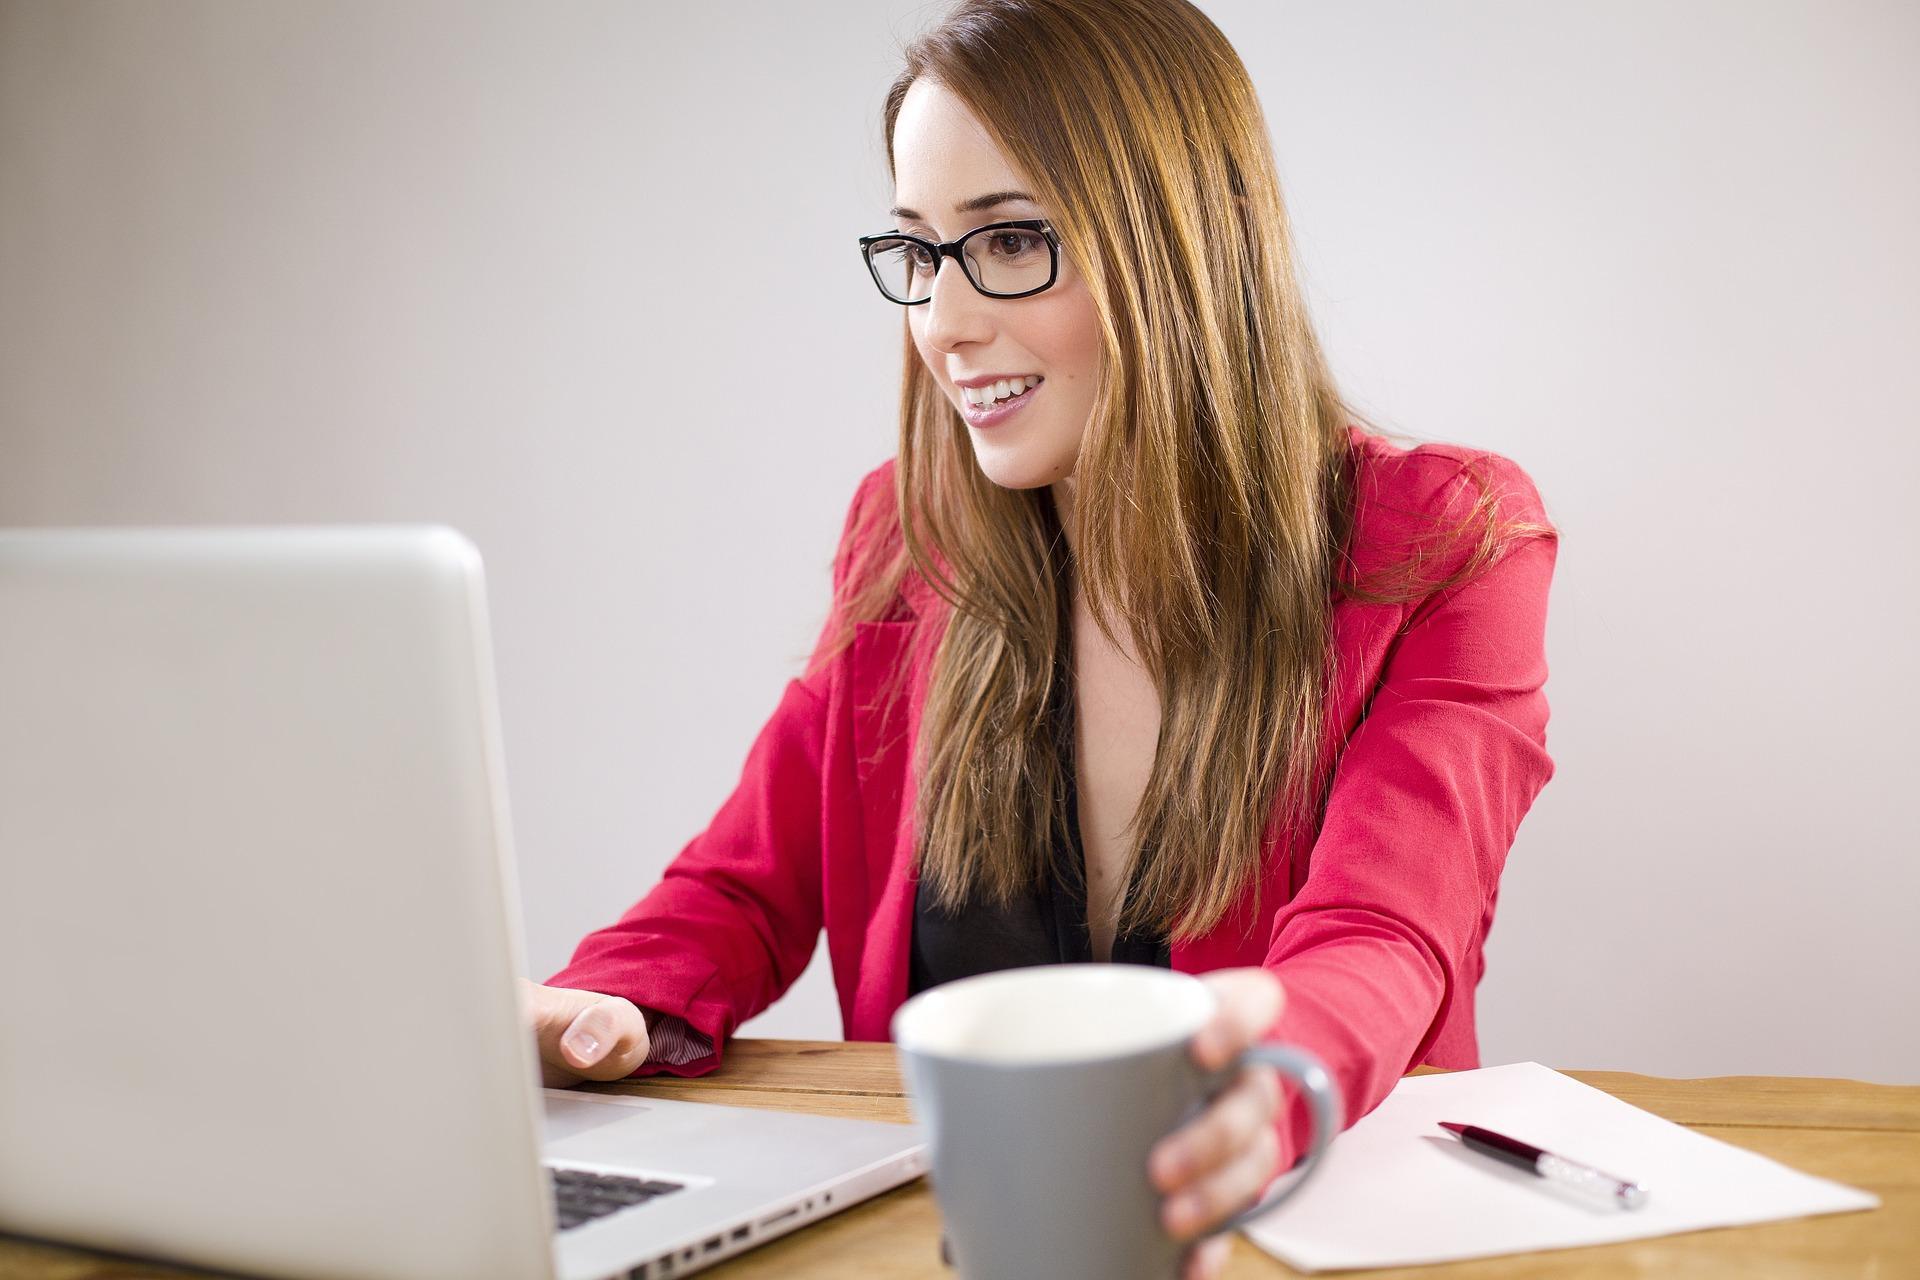 Puna-asuinen, pitkähiuksinen nuori nainen työskentelee tietokoneella.